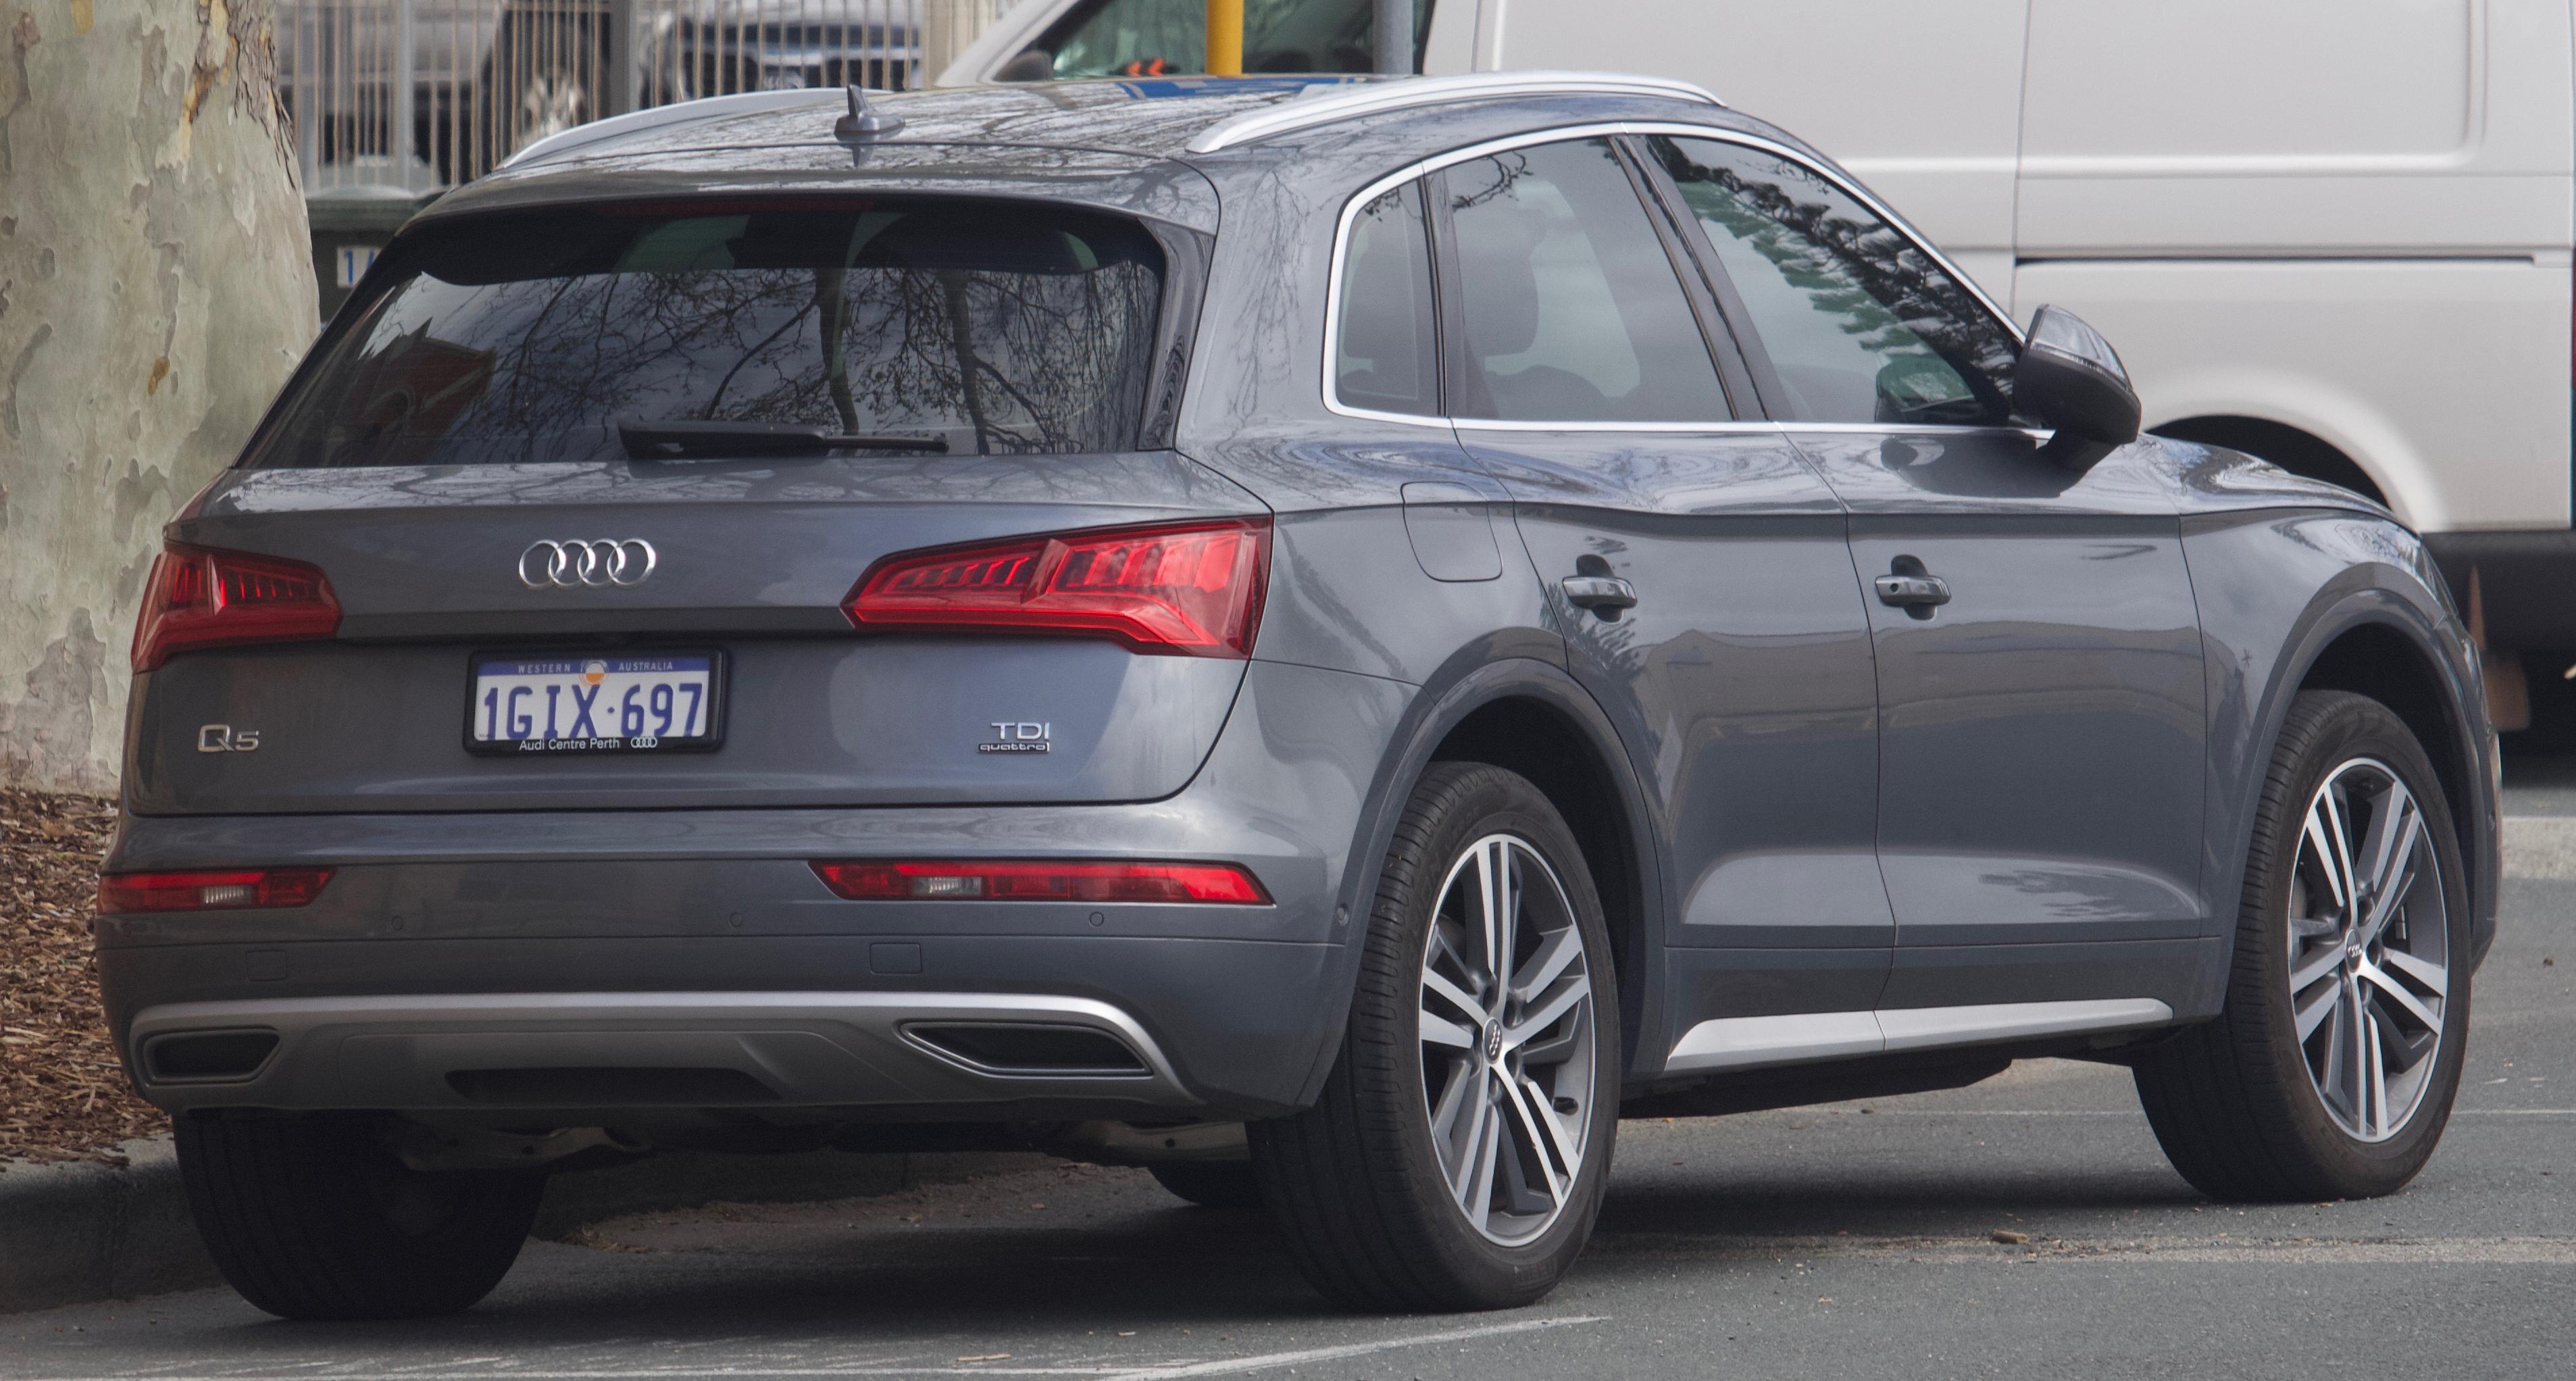 Kekurangan Audi Q5 Top Model Tahun Ini